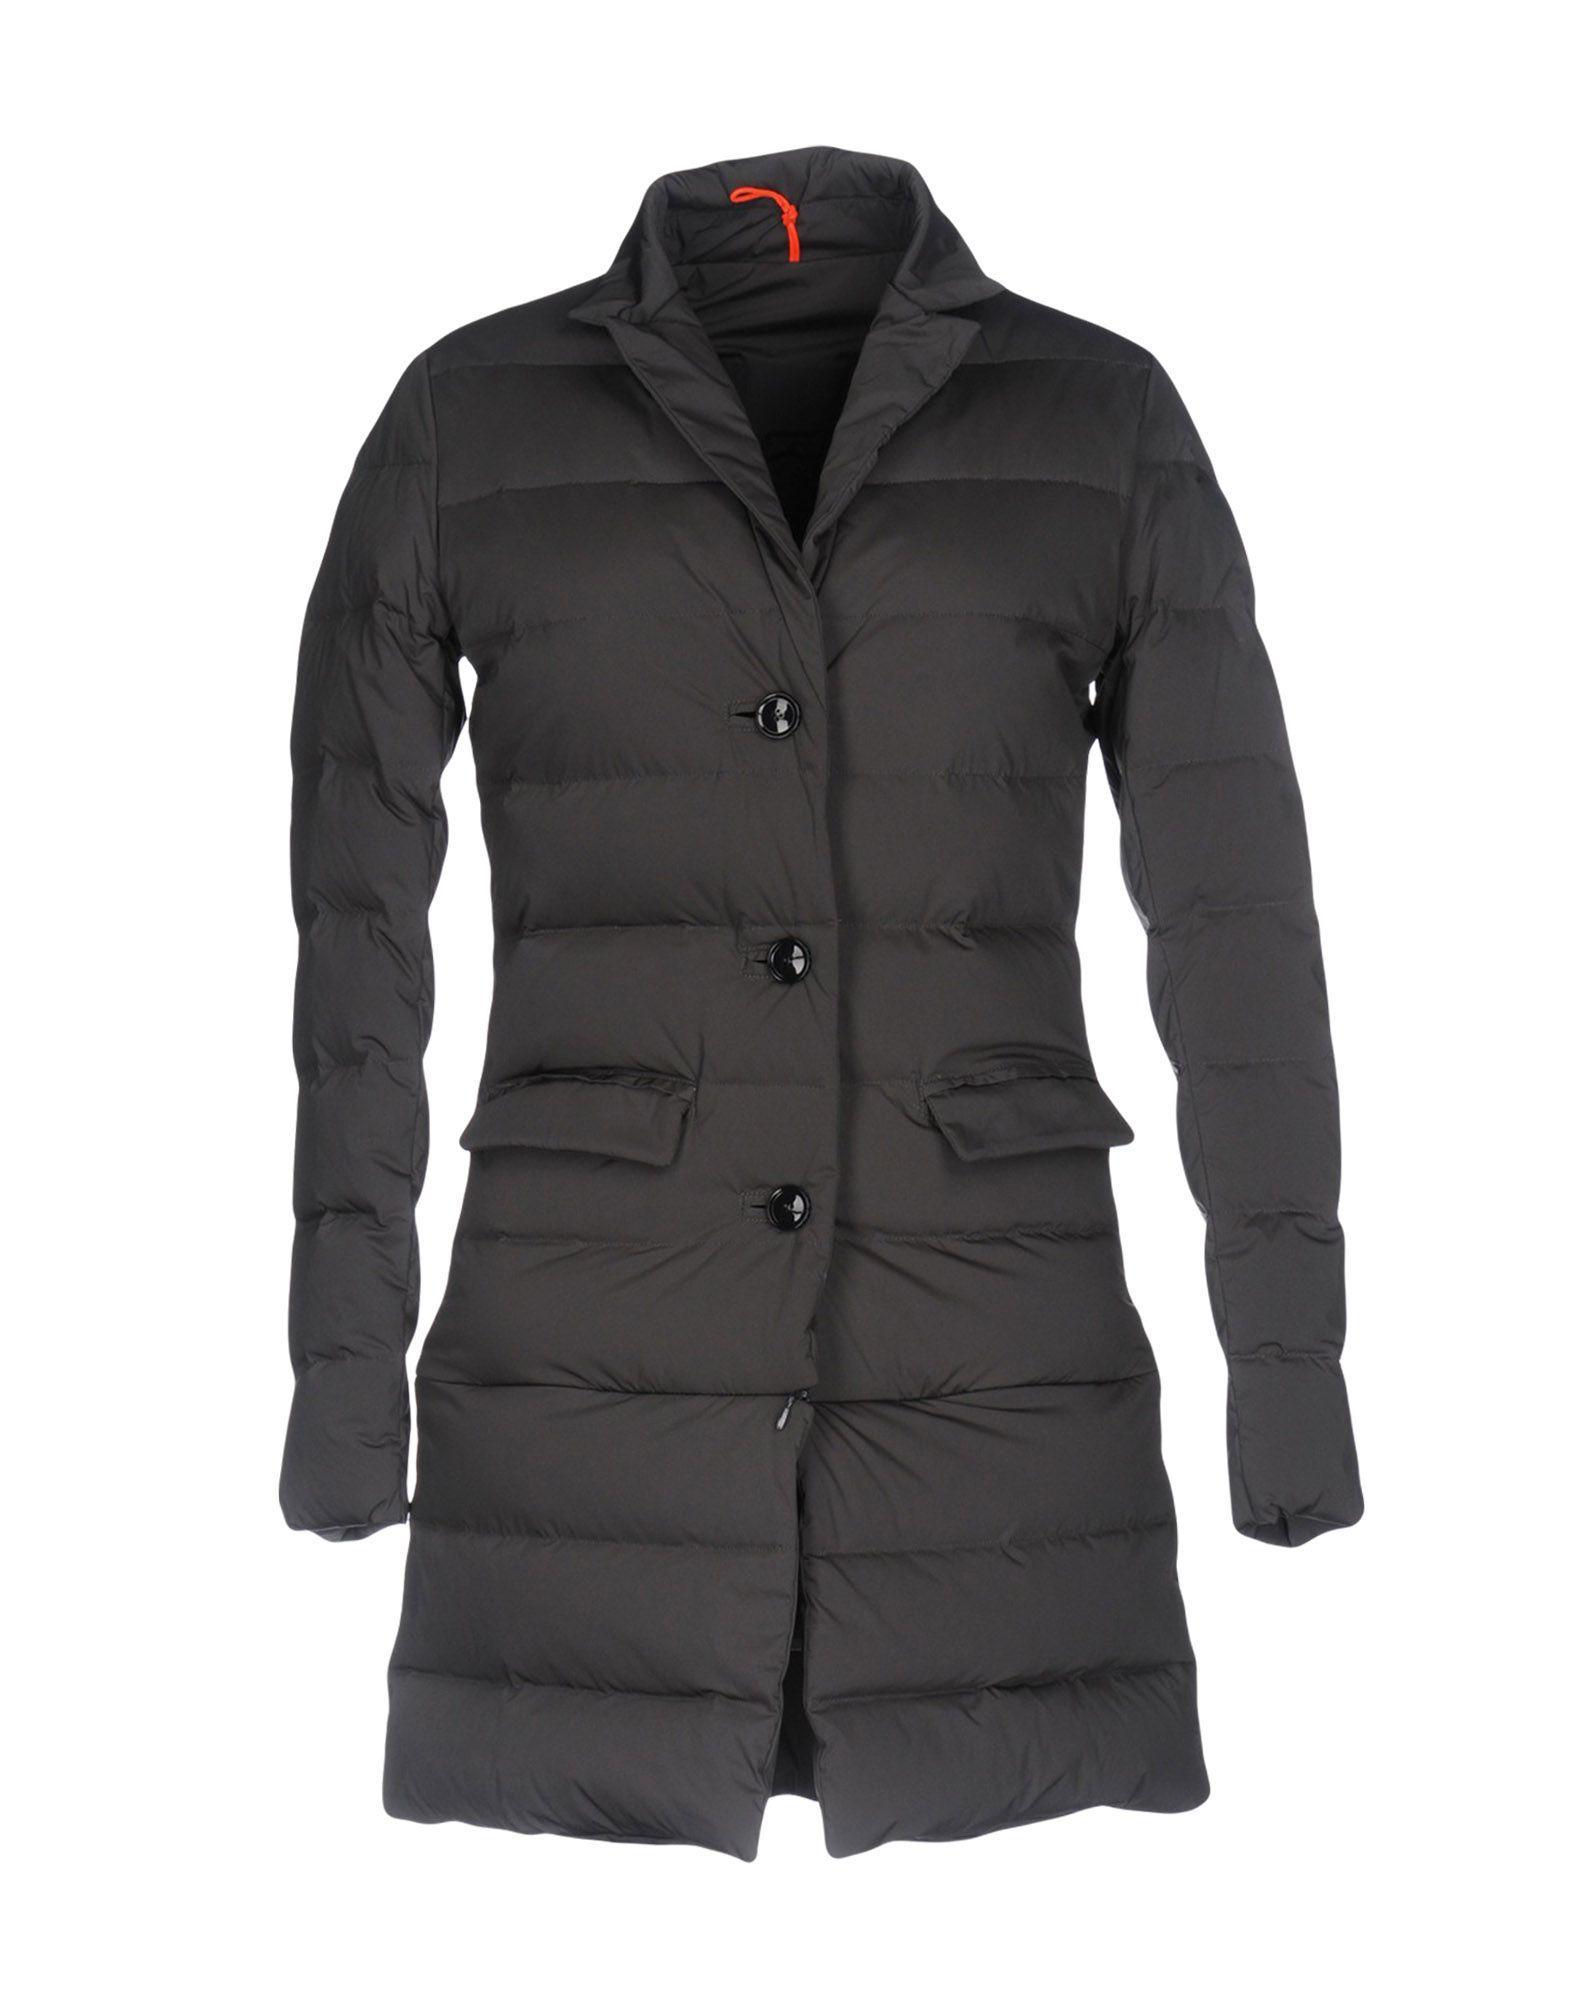 Rrd Down Jacket In Grey